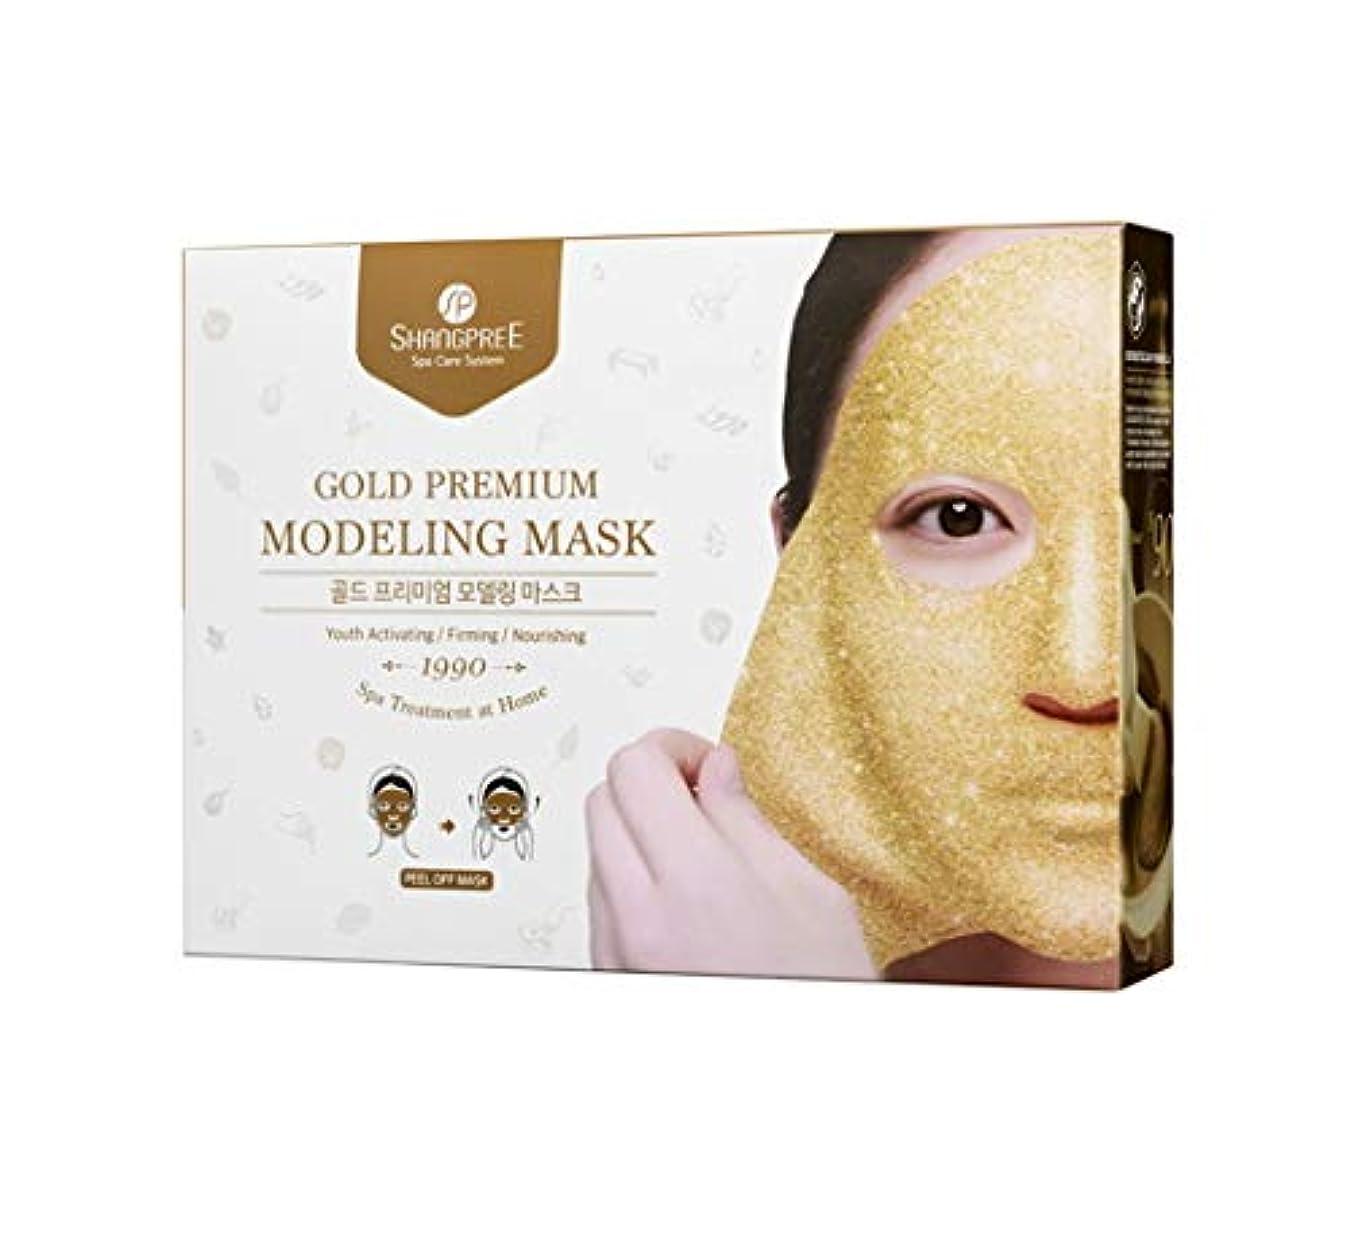 条件付きコーチ作成者Shangpree プレミアムゴールドモデリングマスク 5枚 gold premium modeling mask 5ea (並行輸入品)